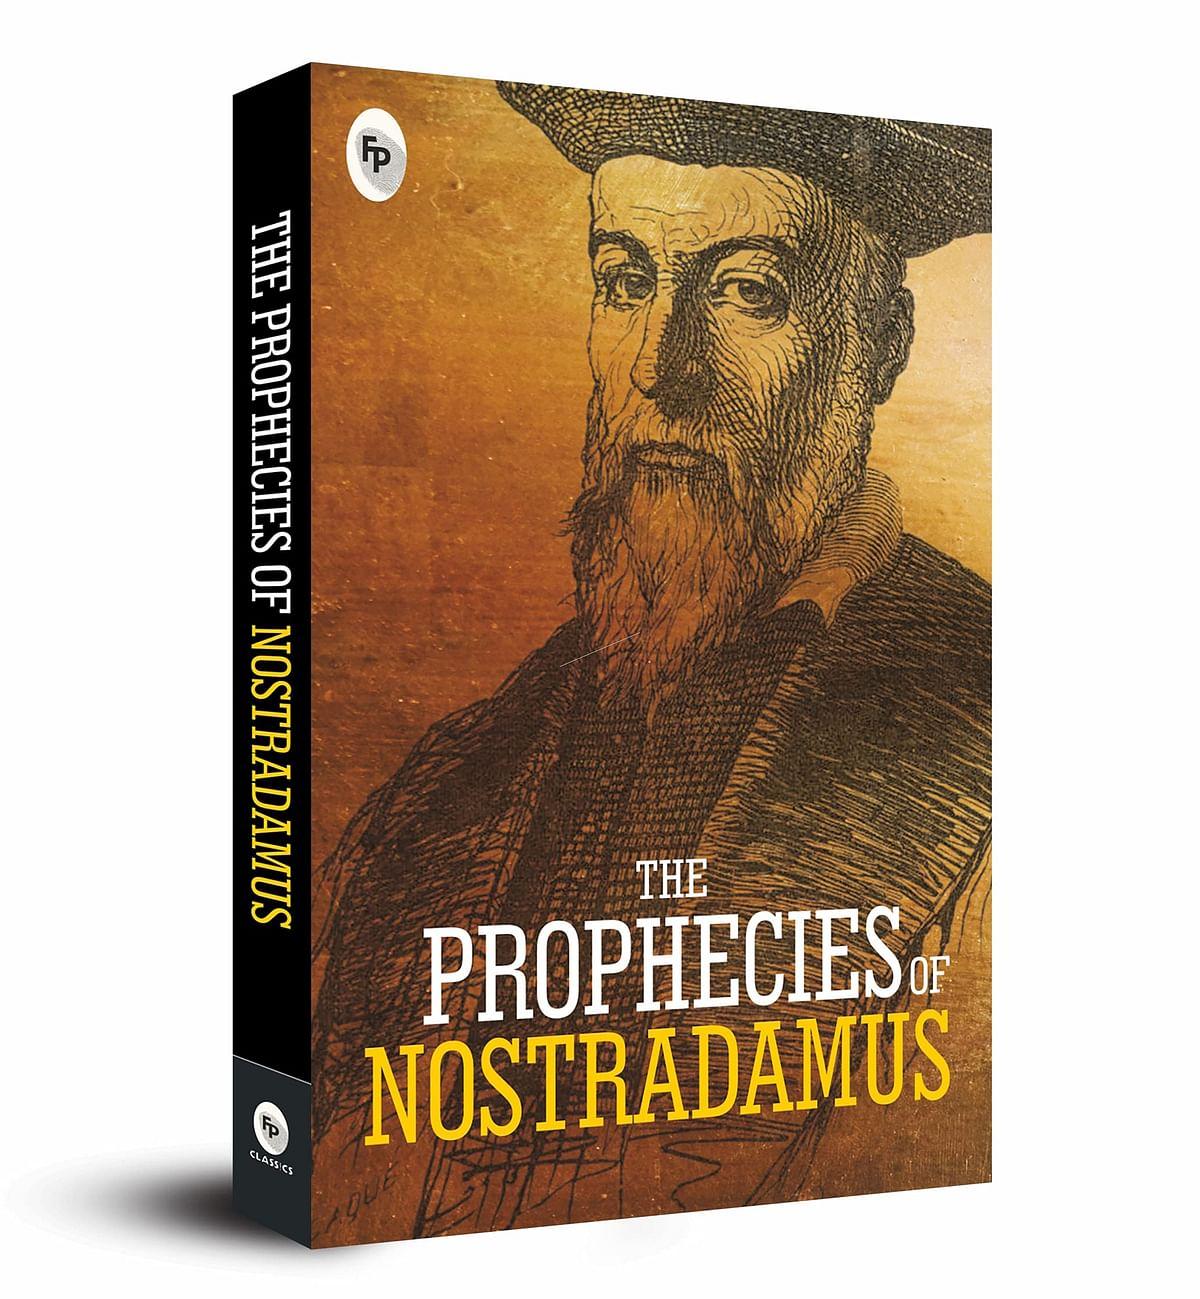 """""""நோஸ்ட்ராடமஸ்ஸின் 'தீர்க்கதரிசனங்கள்' உண்மையா ?"""" - யார் இந்த Nostradamus?"""